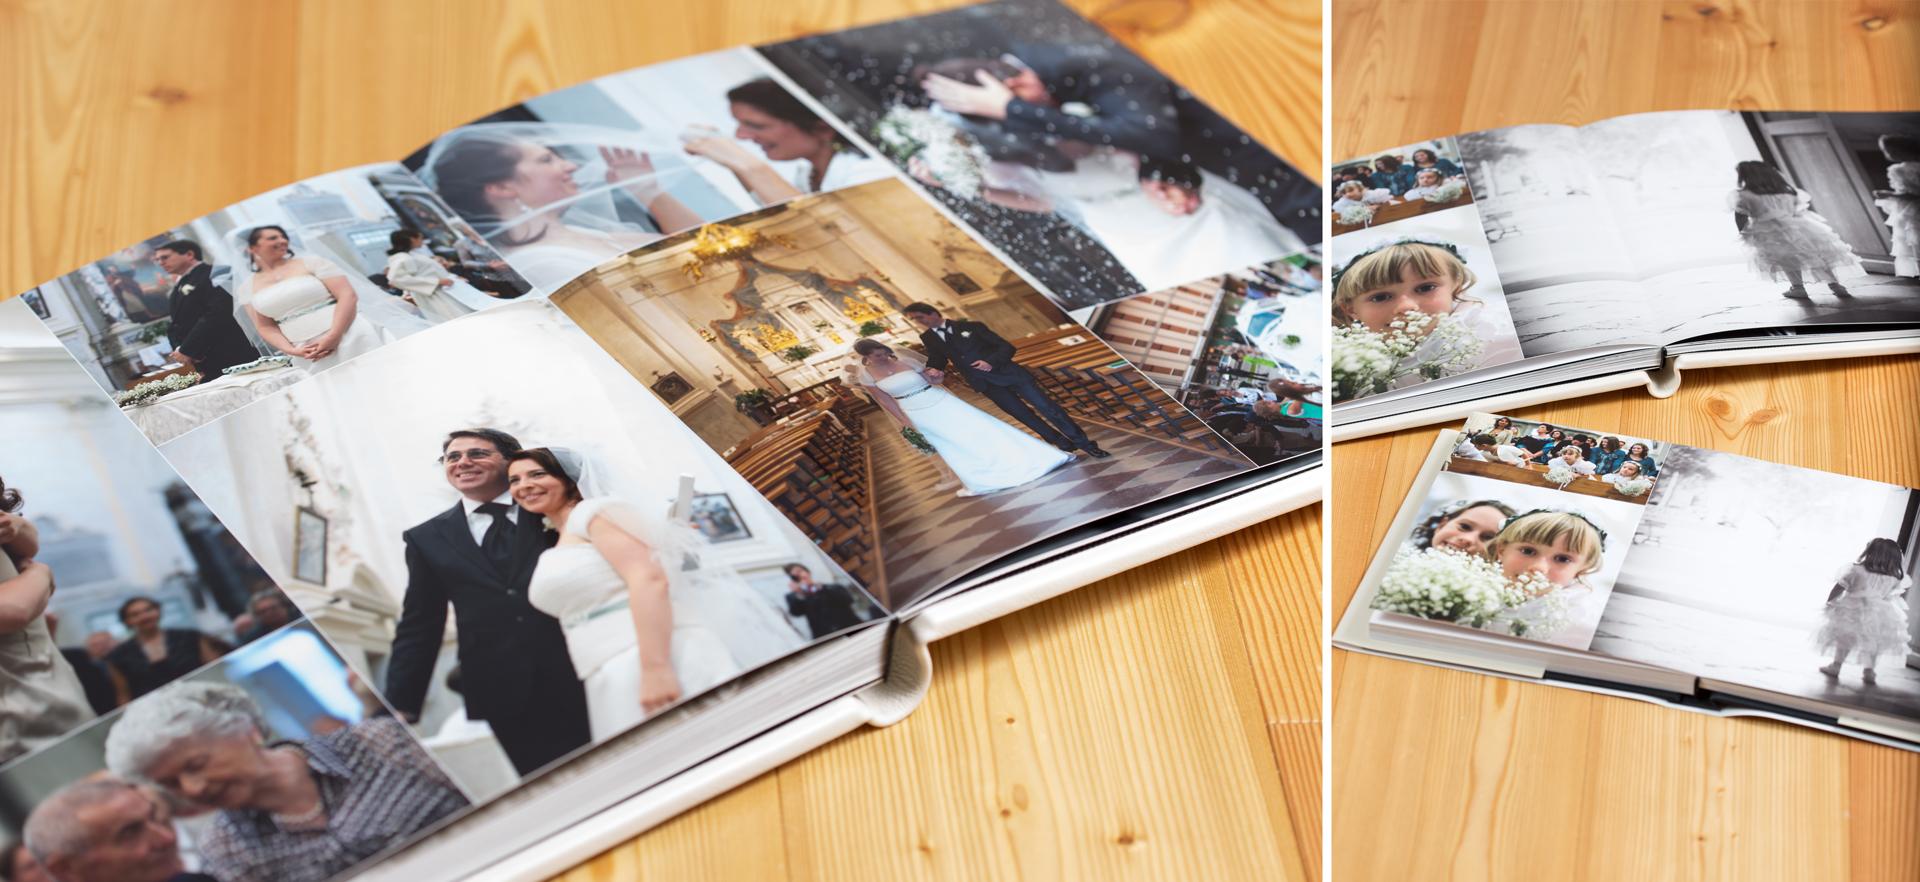 Matrimonio blog album fotografie matrimonio for Album foto matrimonio